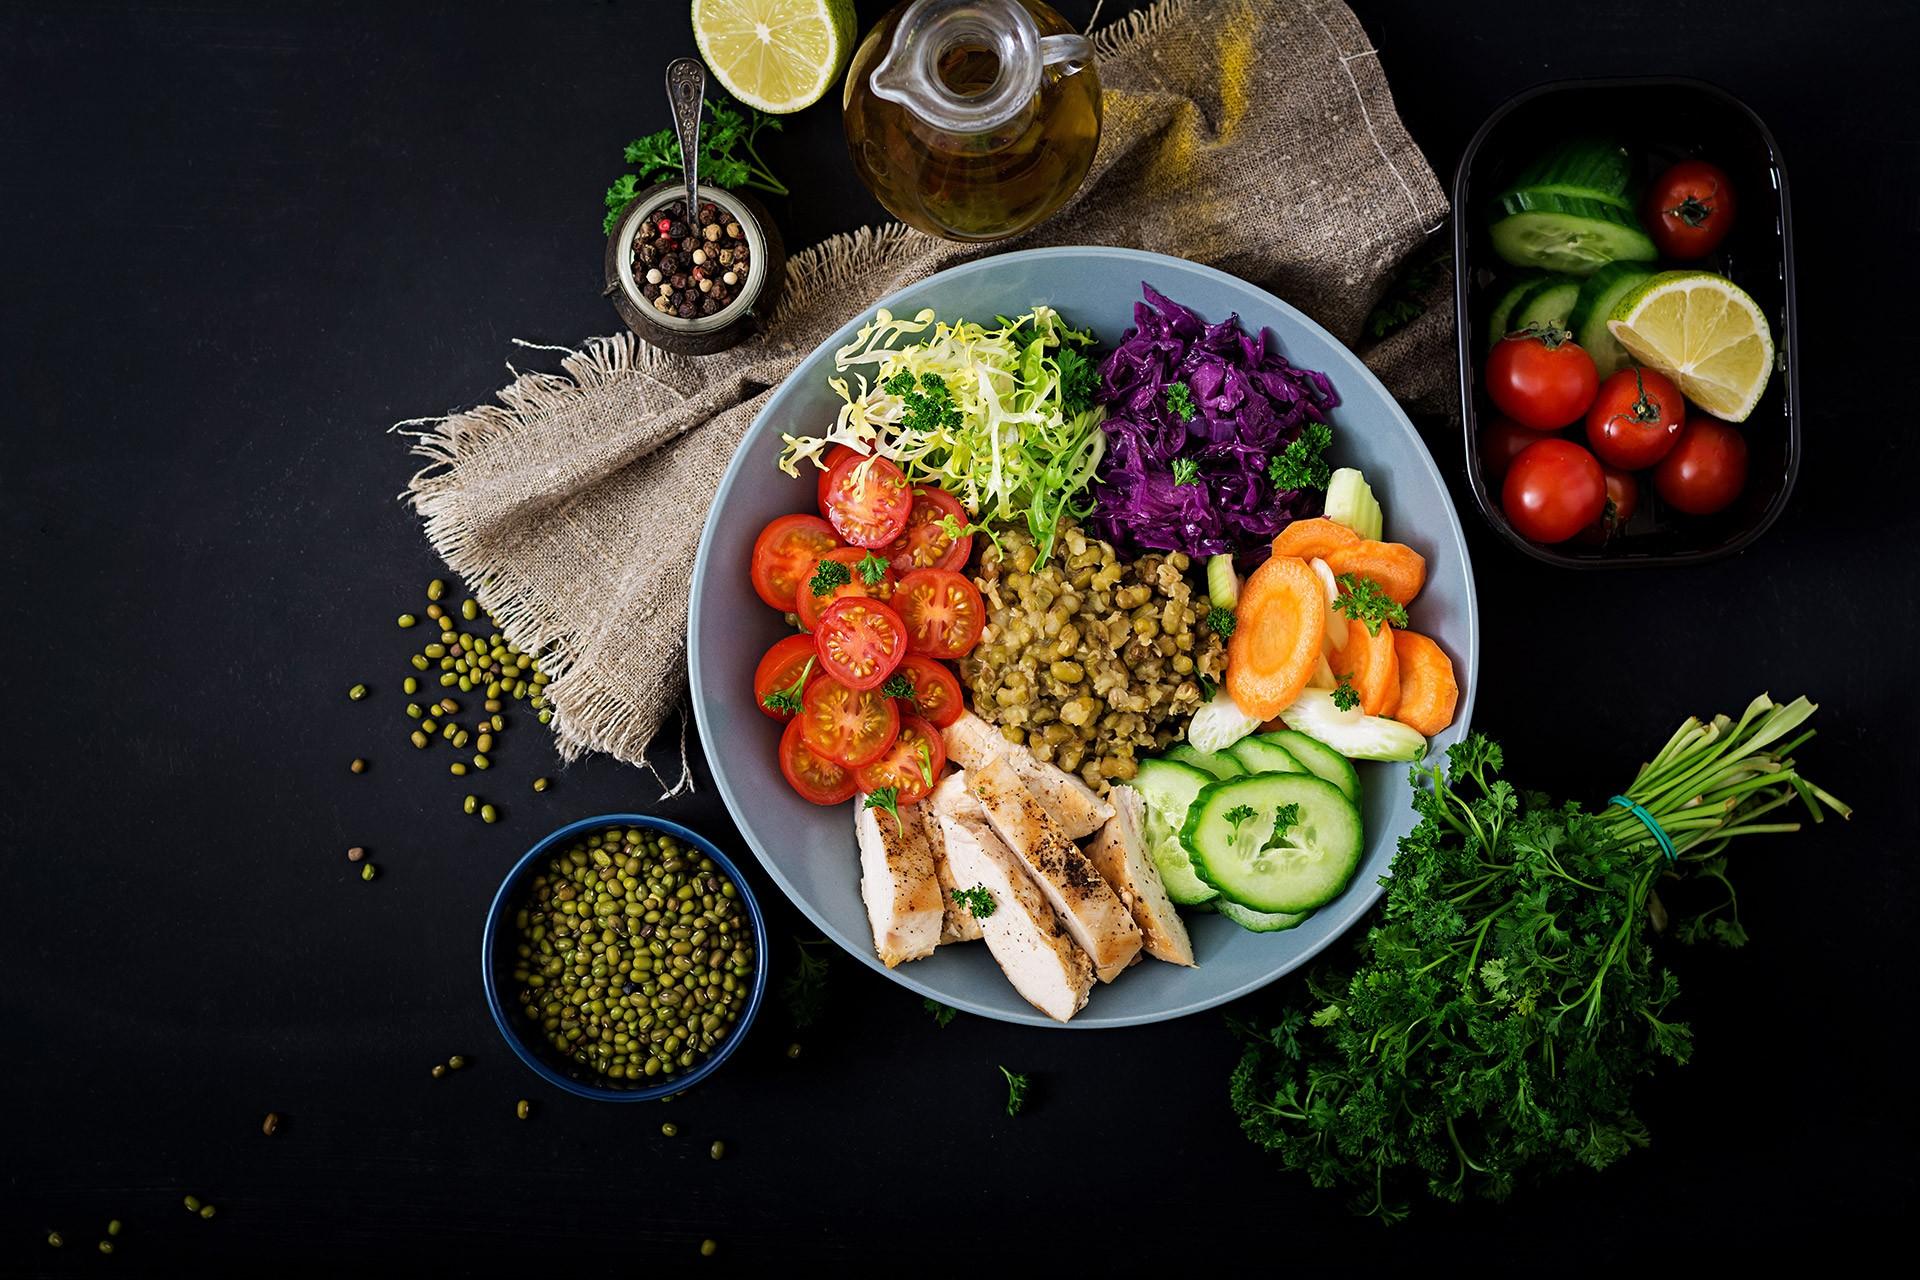 Здоровая Пища Для Диеты. Здоровое питание для всей семьи: выбираем полезные продукты и составляем меню на каждый день